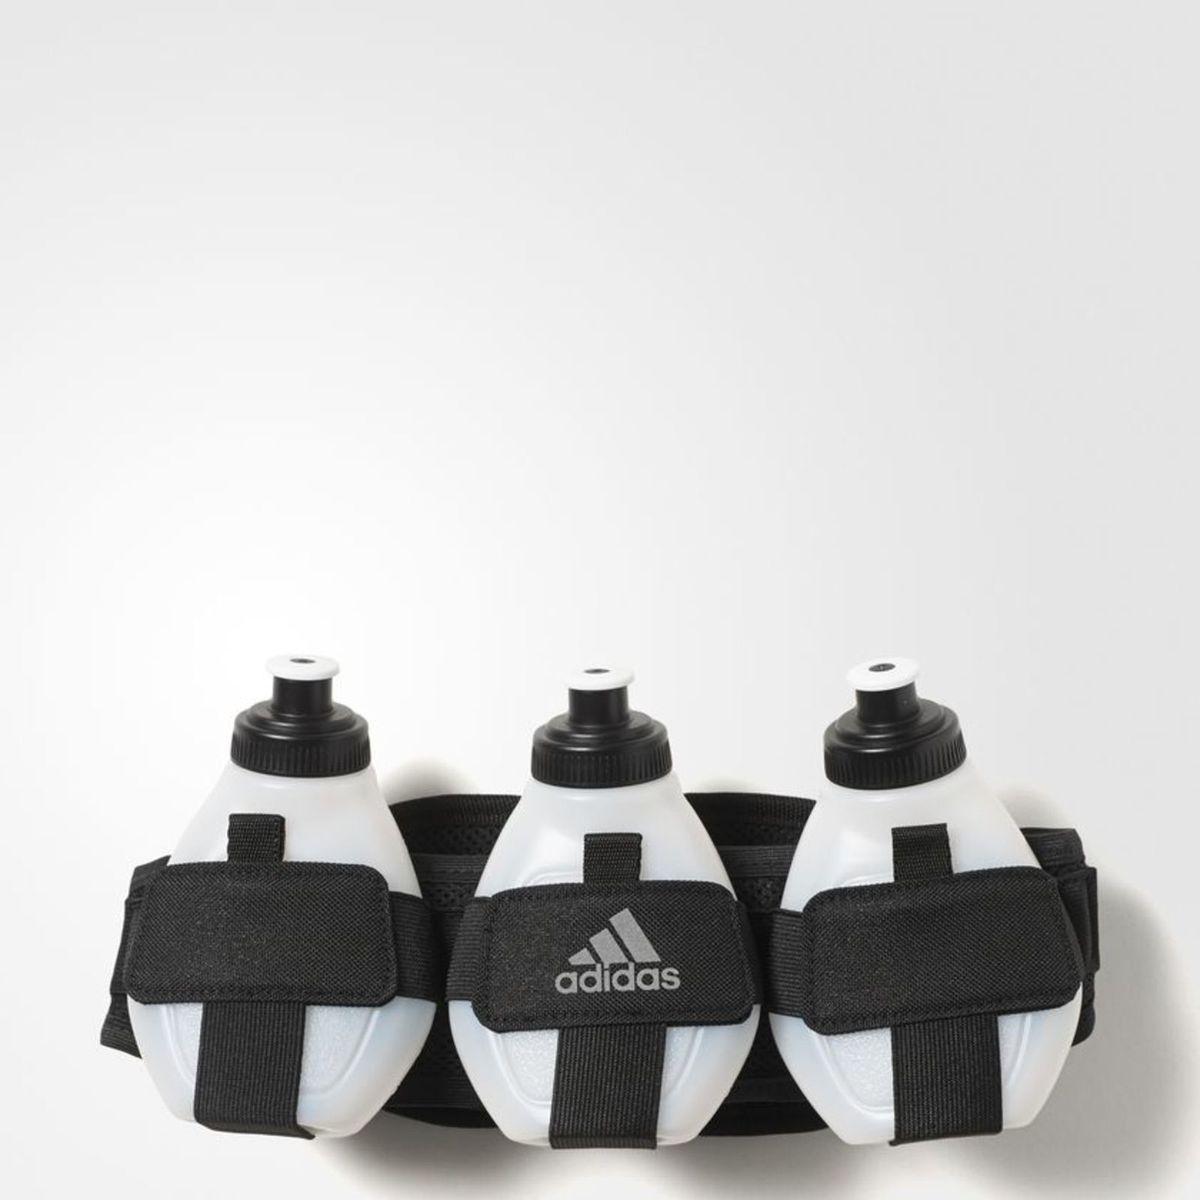 porta squeeze cintura running - cintos adidas